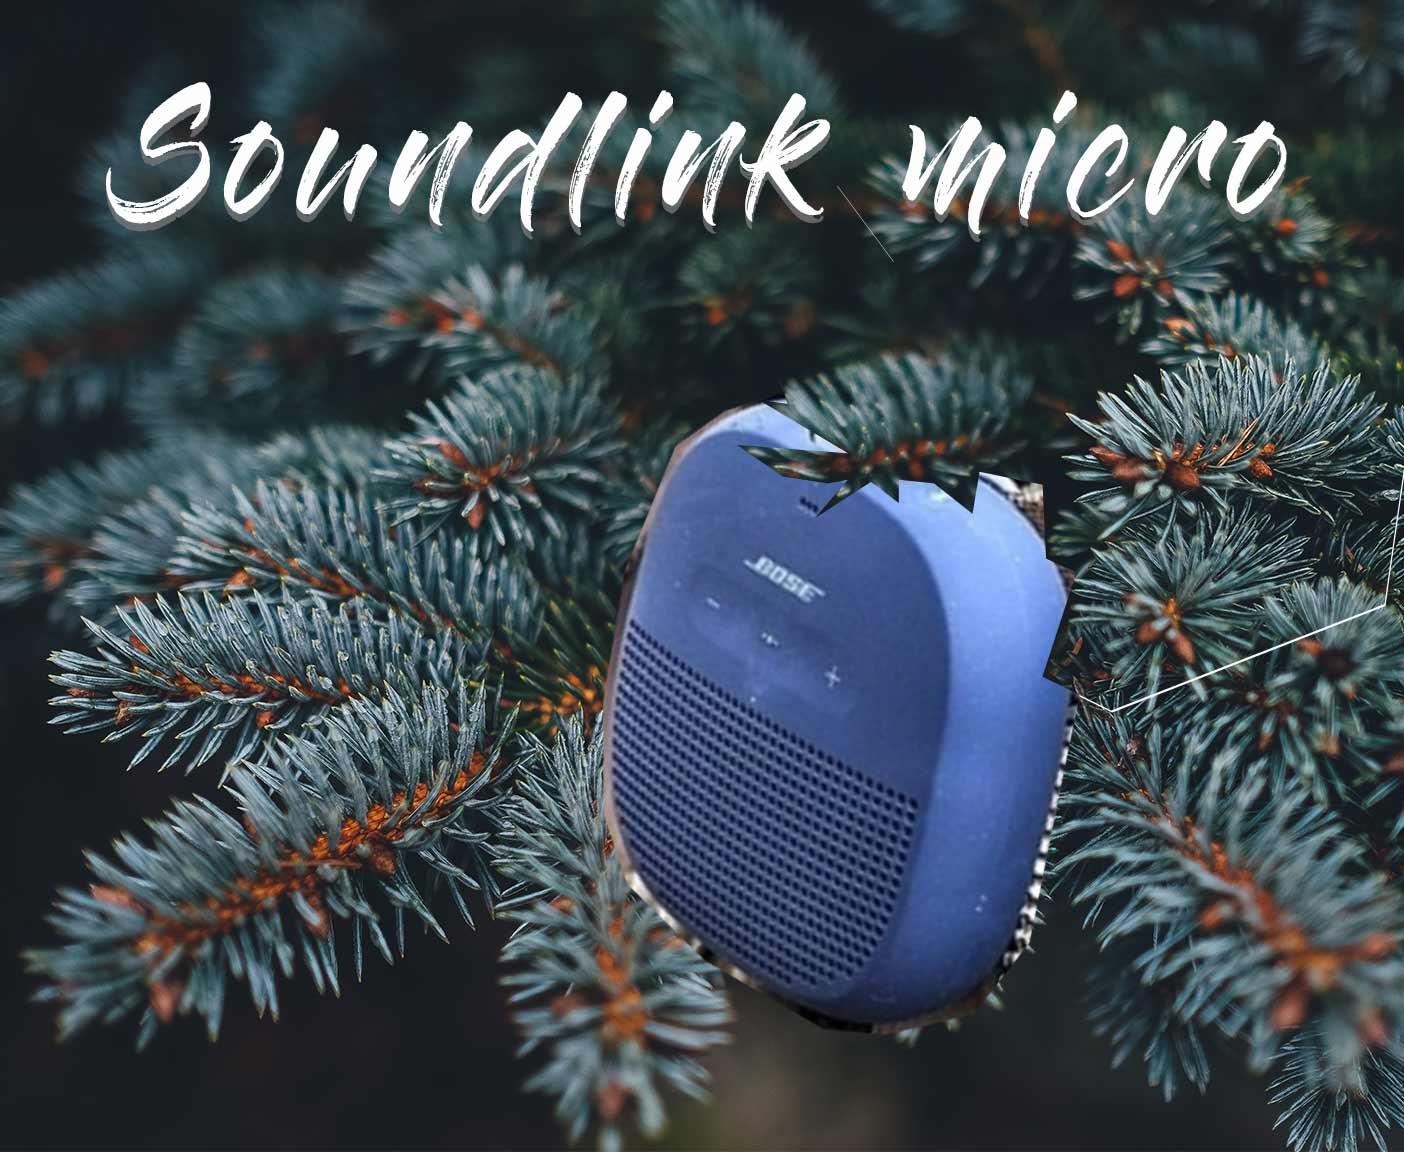 camper-geschenk-weihnachten-geschenkideen-wohnmobil-lustige-accessoires-geschenkkorb-camping-ideen-campen-geburtstag-camp-geschichten-vanlife-SoundlinkMIcro_3